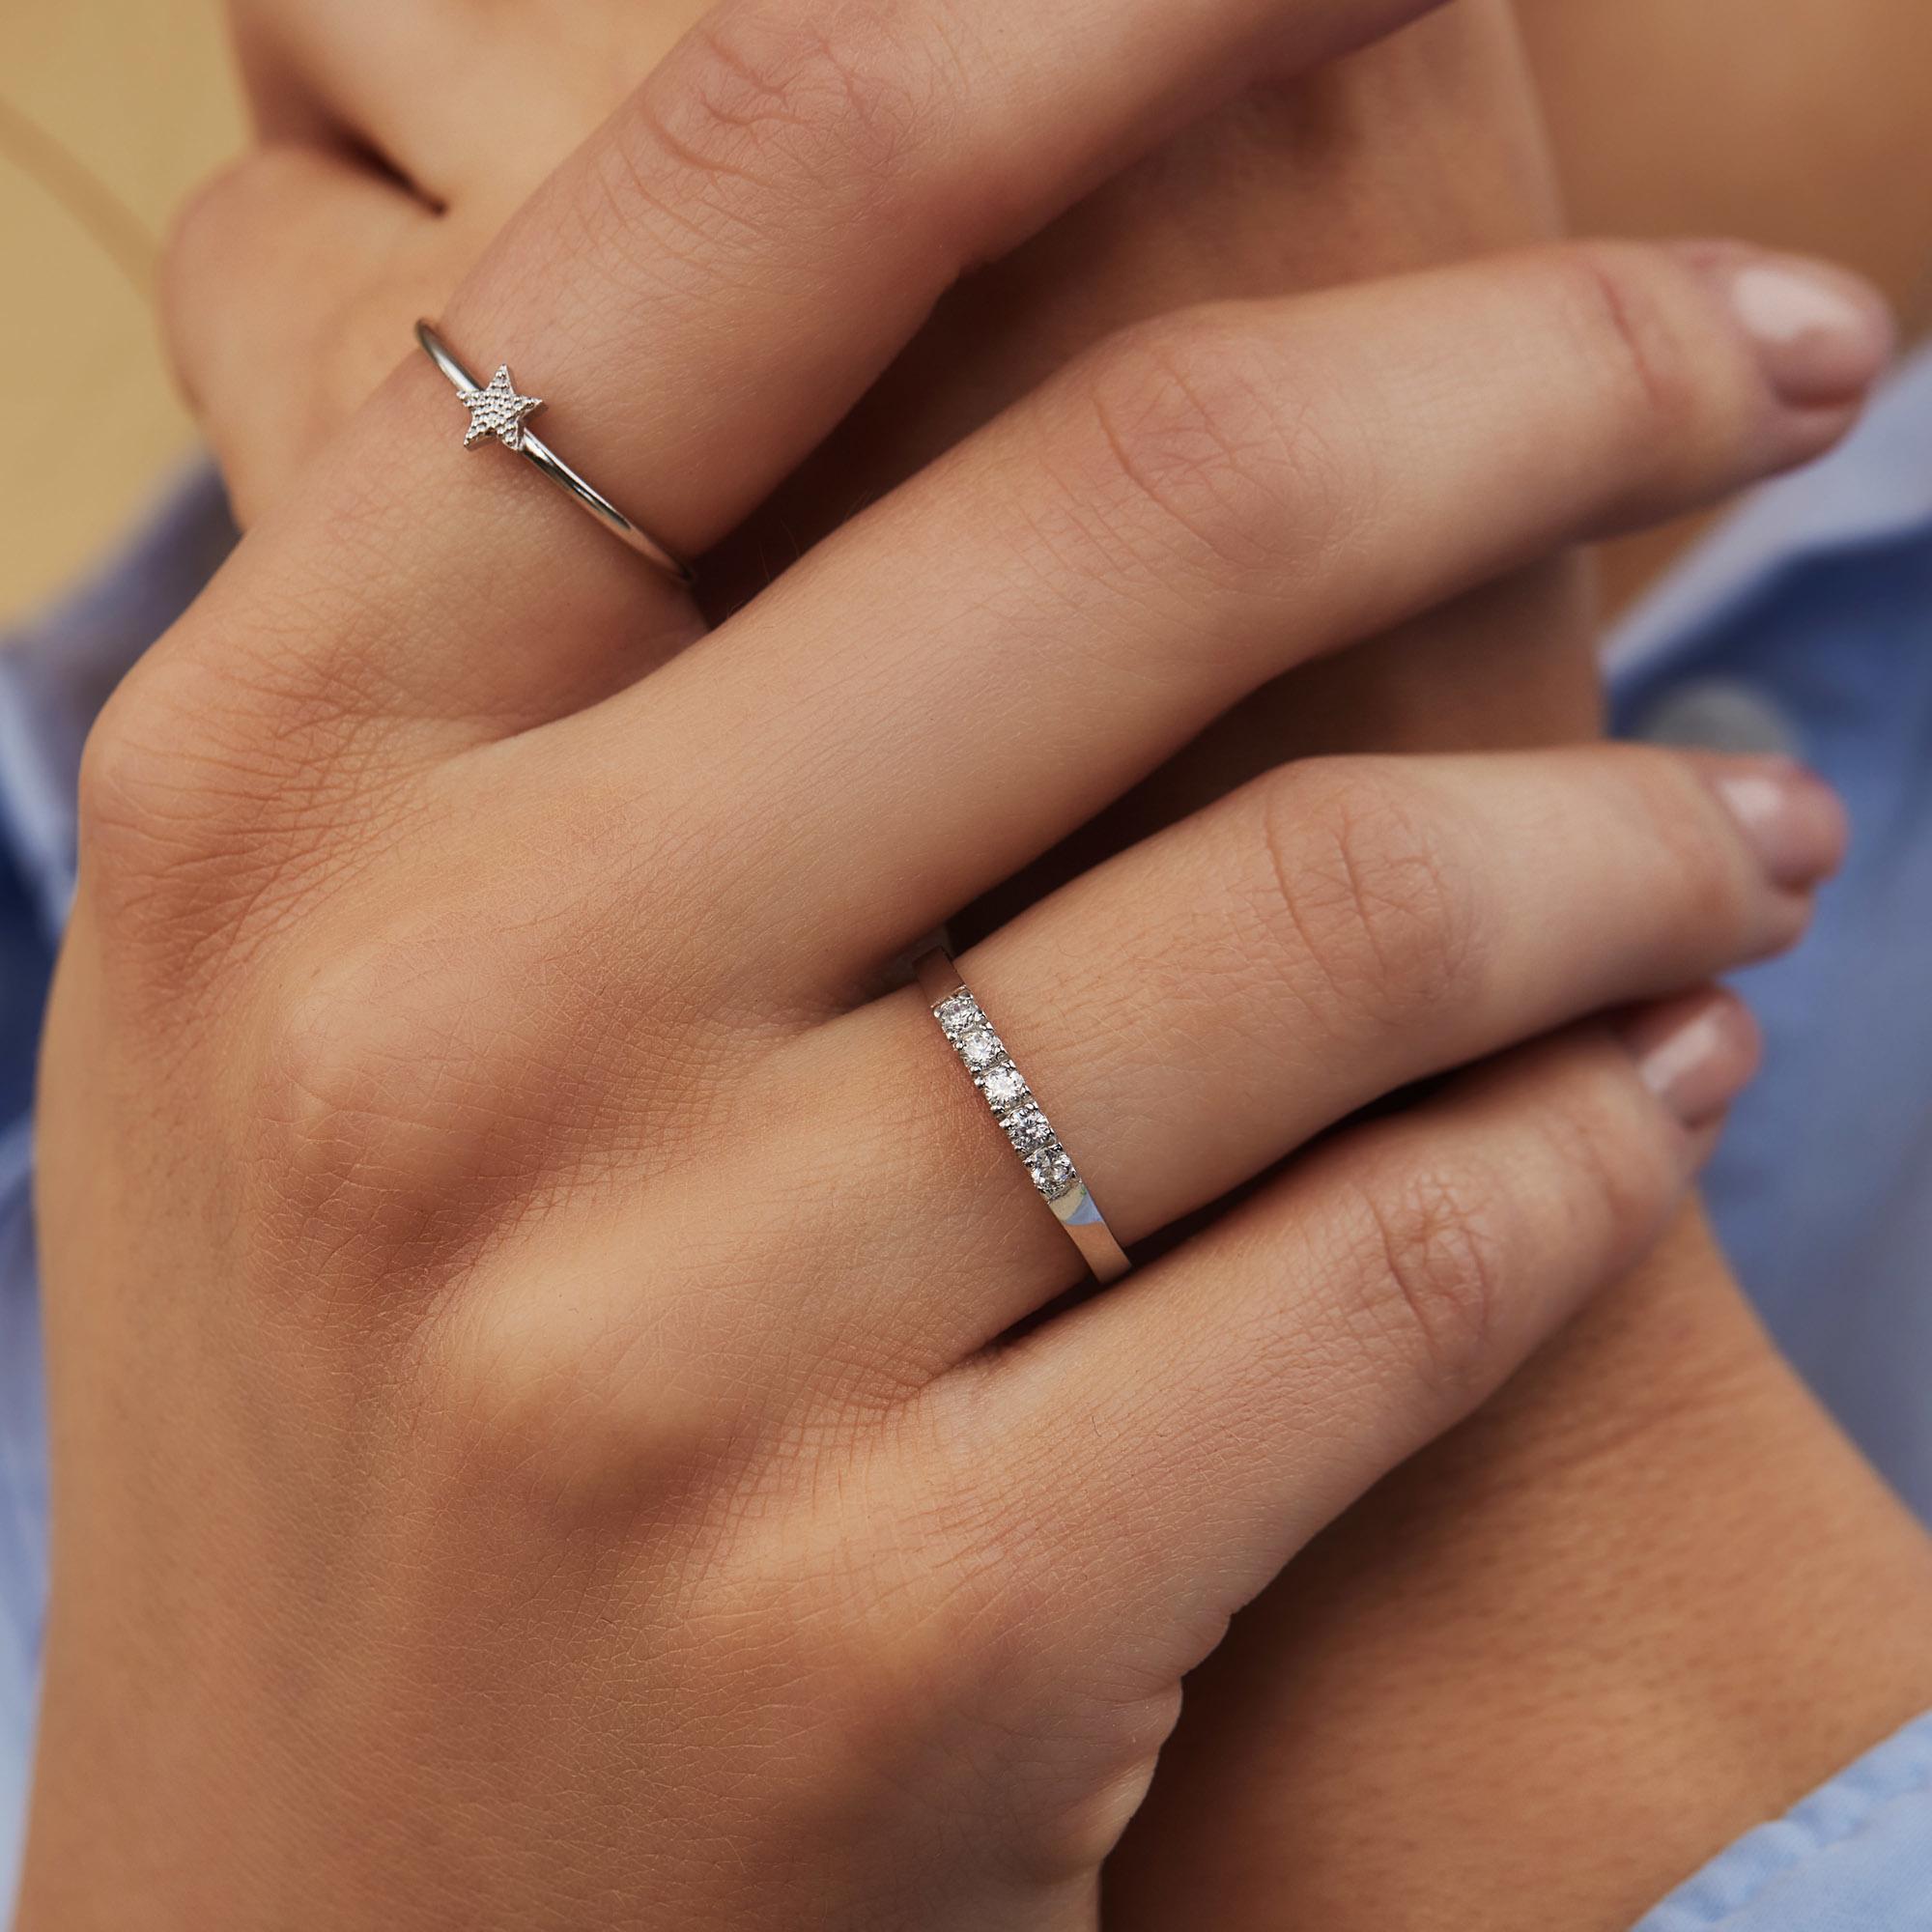 Selected Jewels Julie Esthée ring i 925 sterling silver